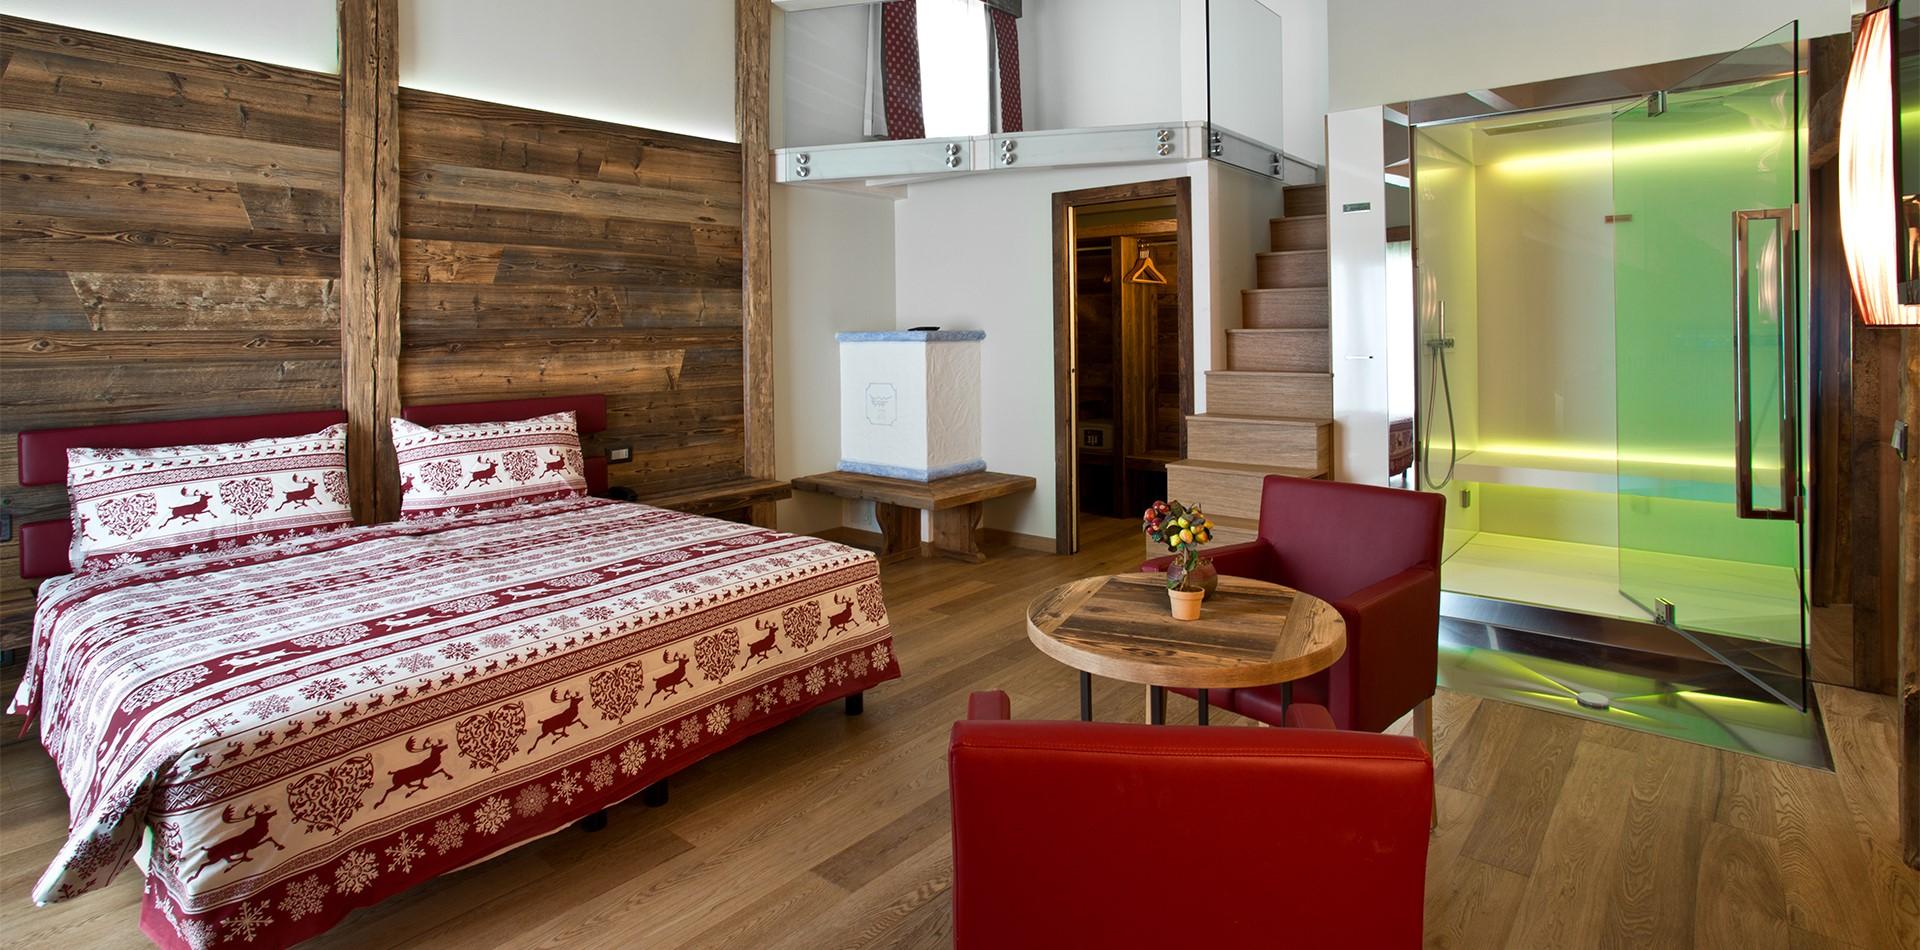 Hotel Alpi 5